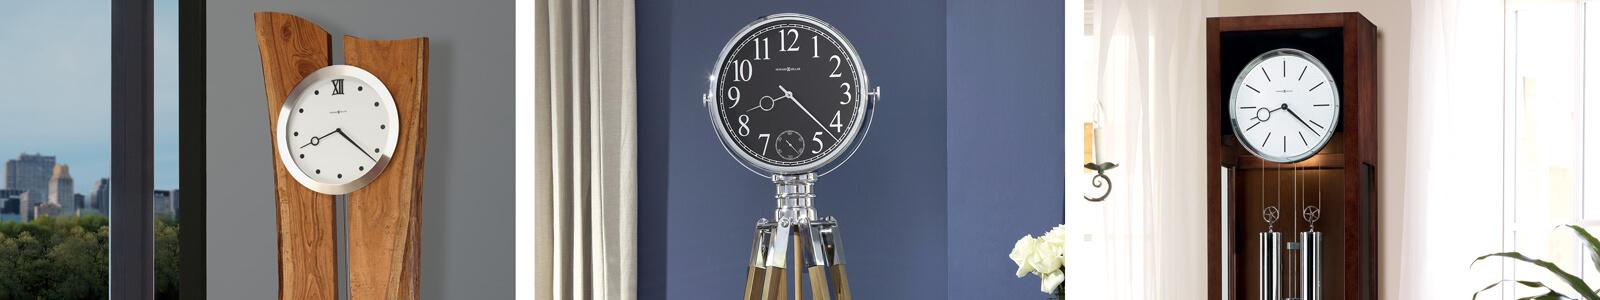 Howard Miller Clocks Banner